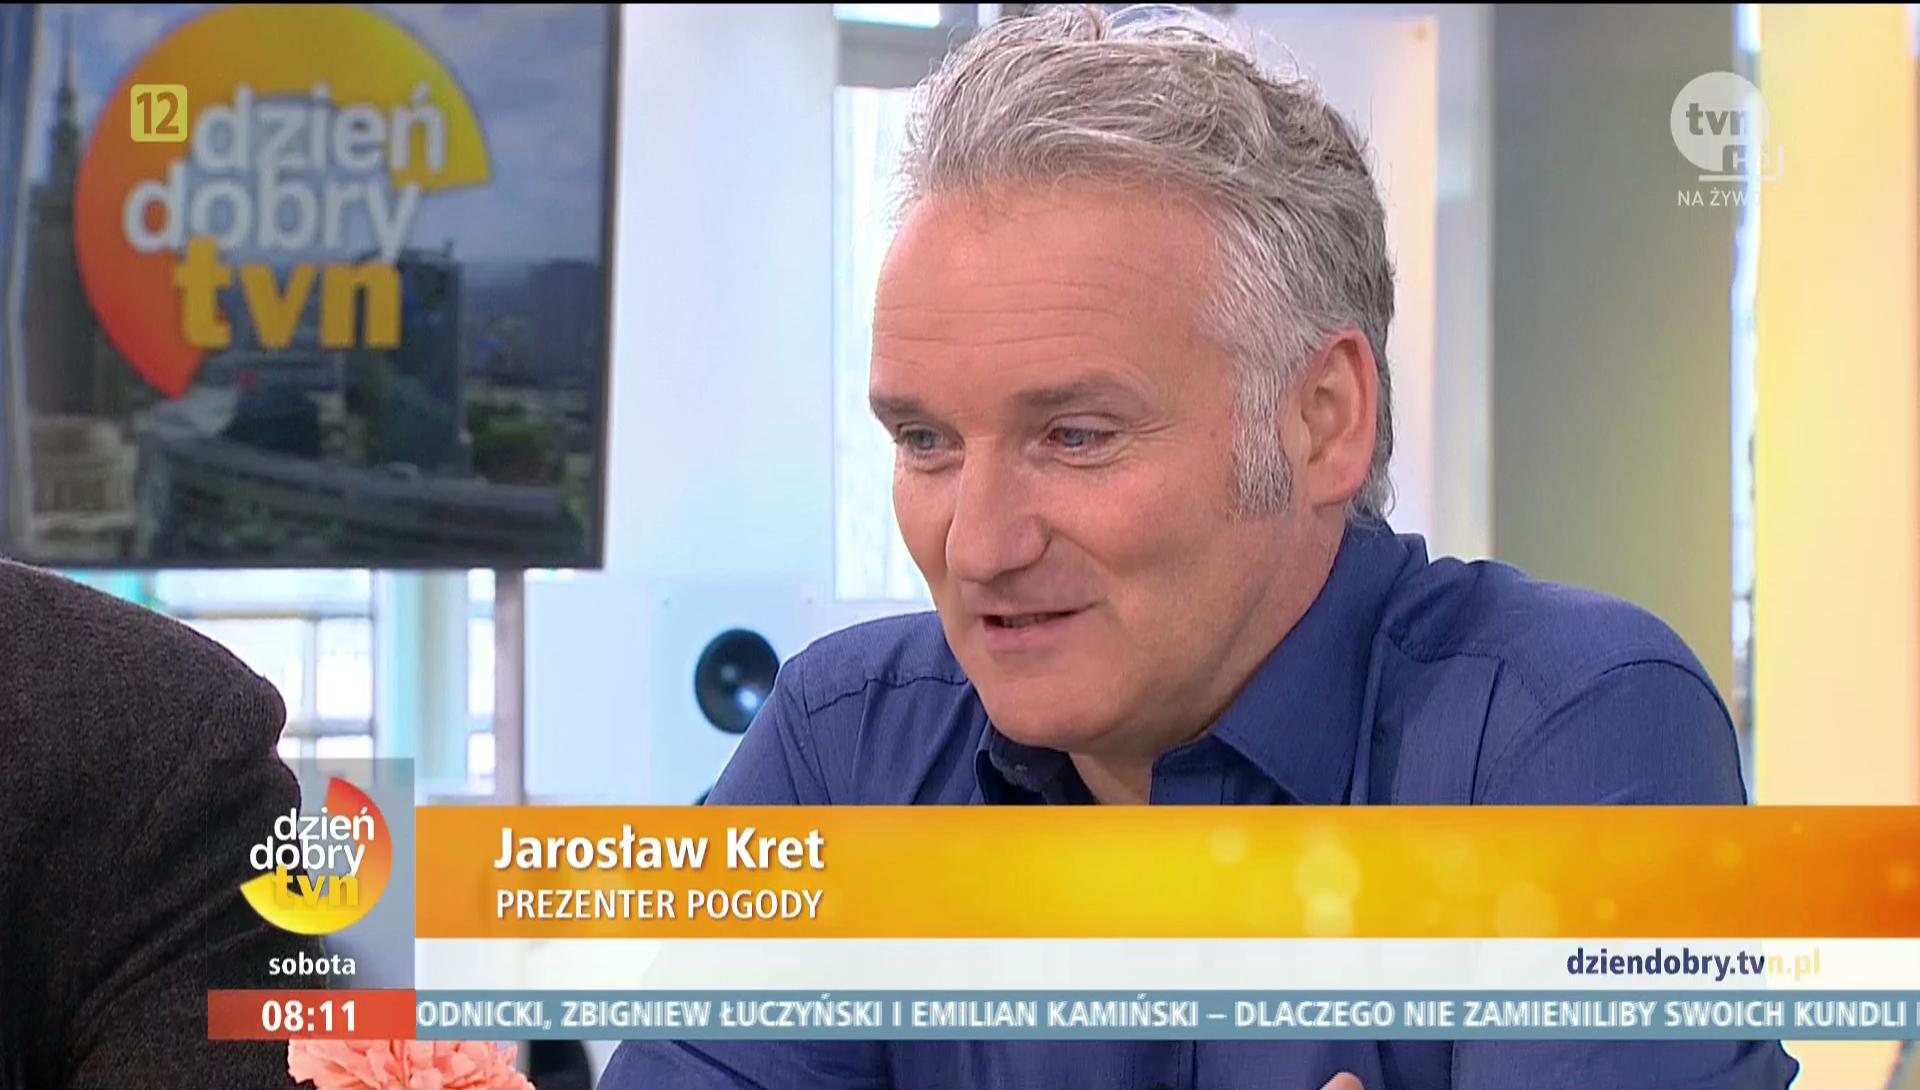 Jarosław Kret dołączy do redakcji pogody Telewizji Polsat